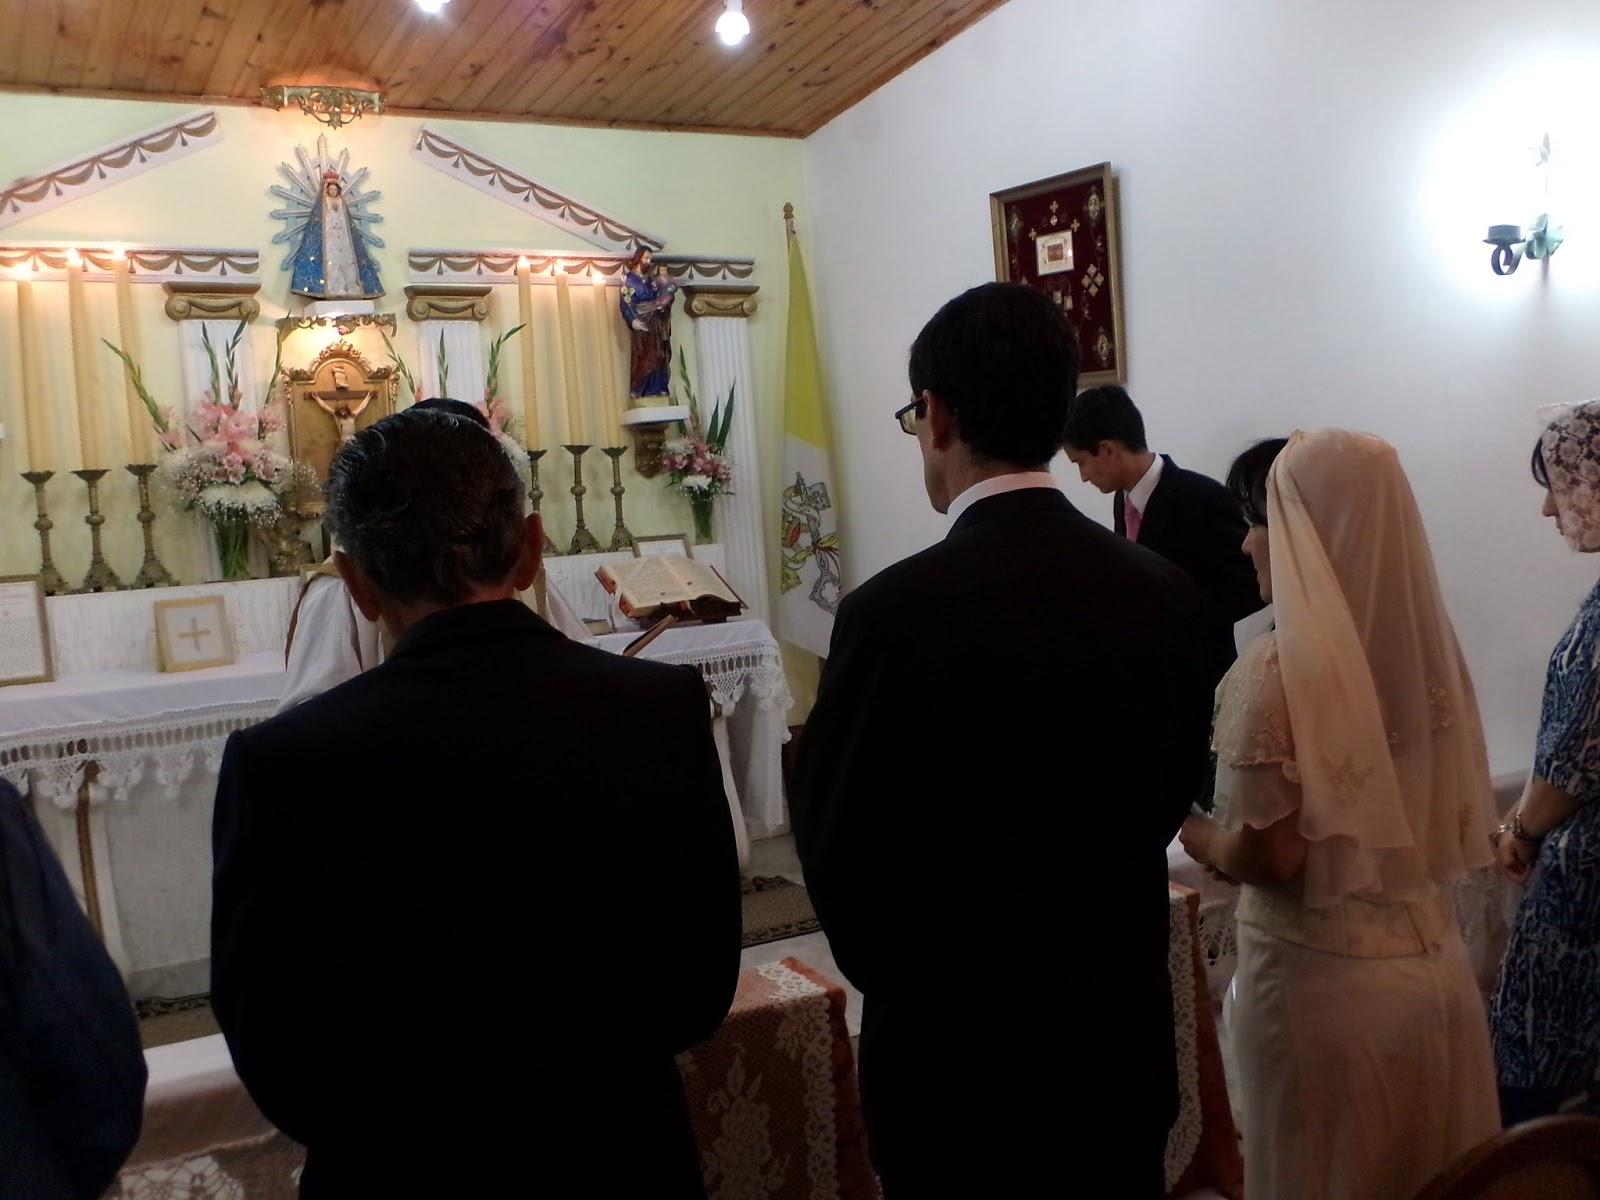 Matrimonio Catolico Sin Registrar : Sociedad religiosa san luis rey de francia sacramento del